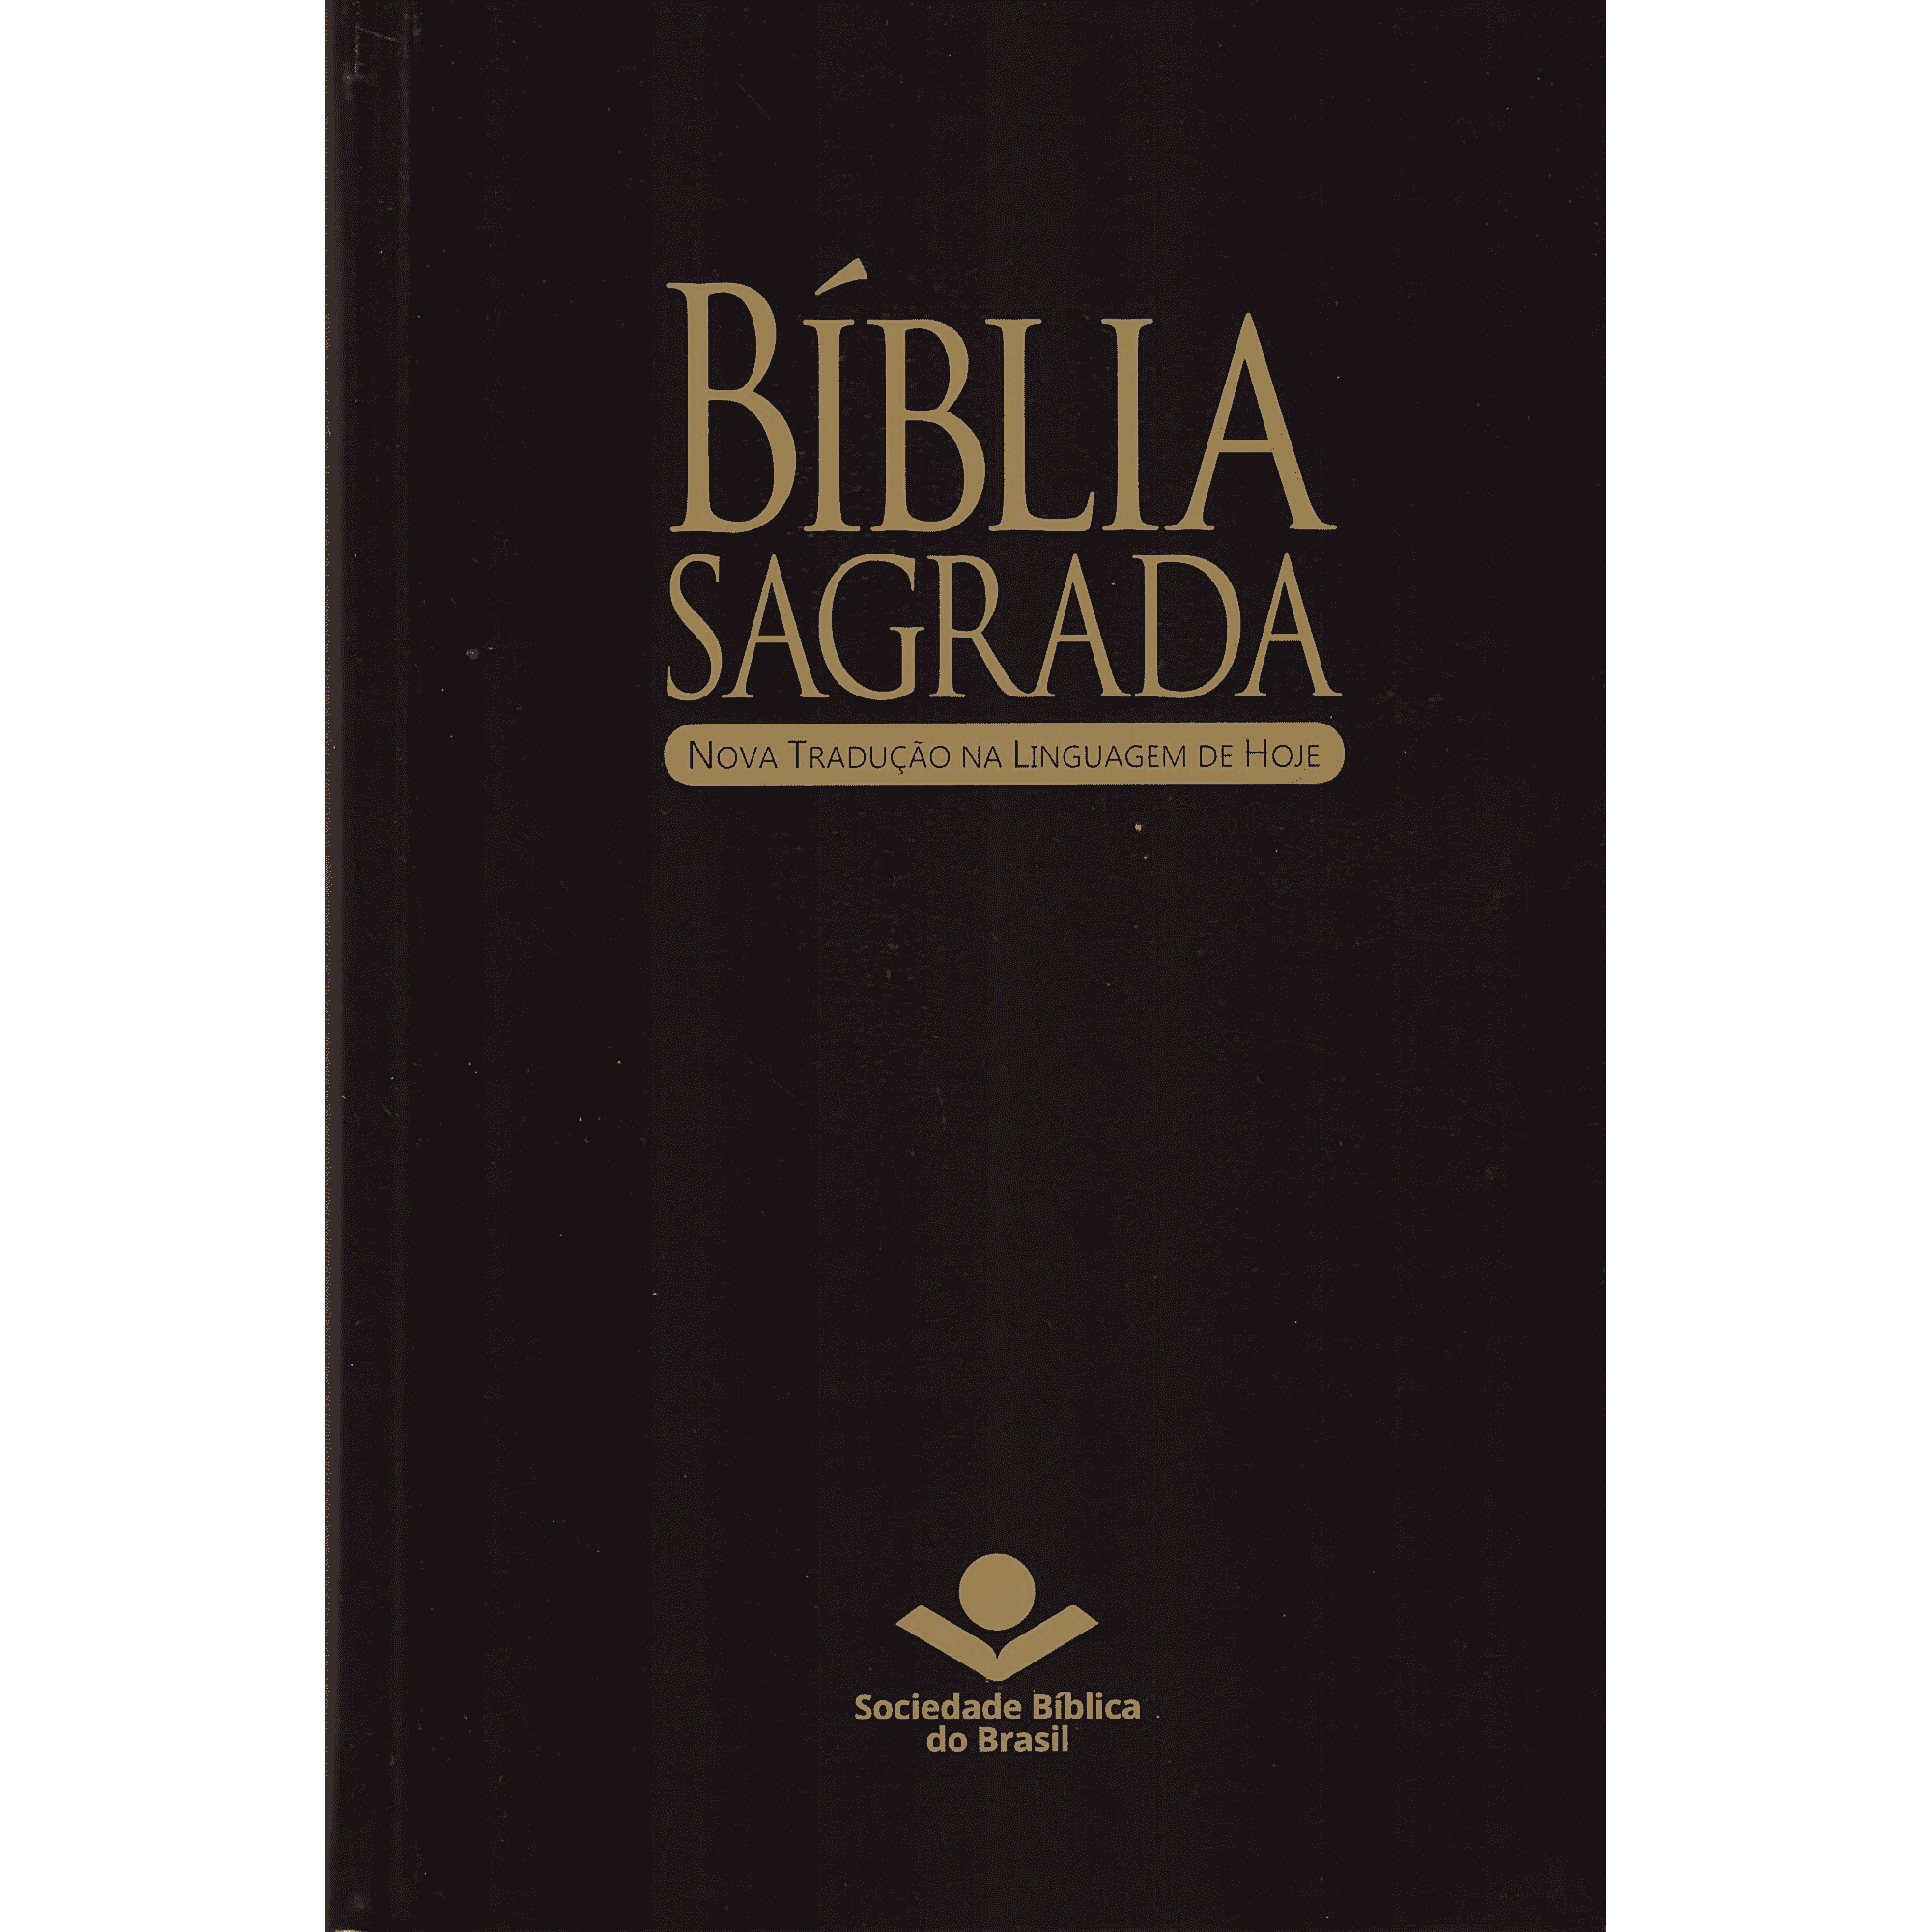 Bíblia Sagrada Capa Dura Nova Tradução na Linguagem de Hoje